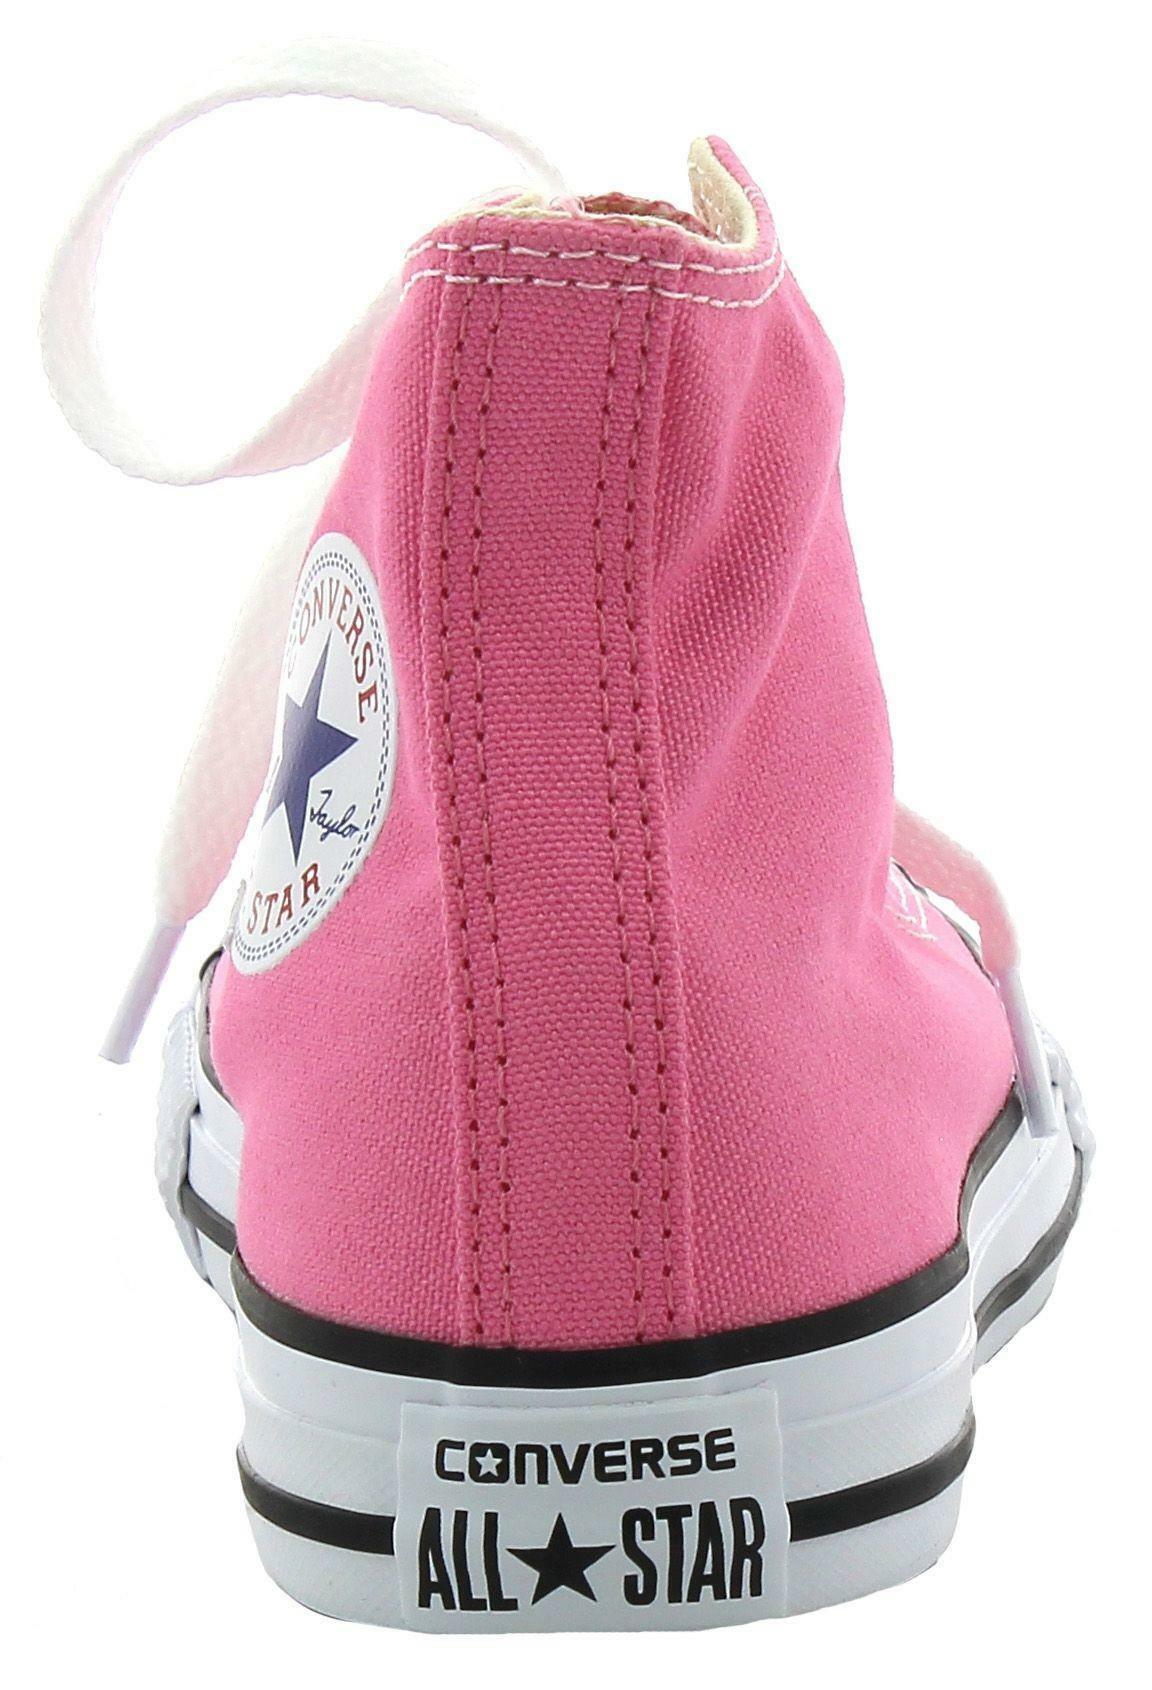 converse converse chuck taylor all star hi canvas scarpe bambina rosa